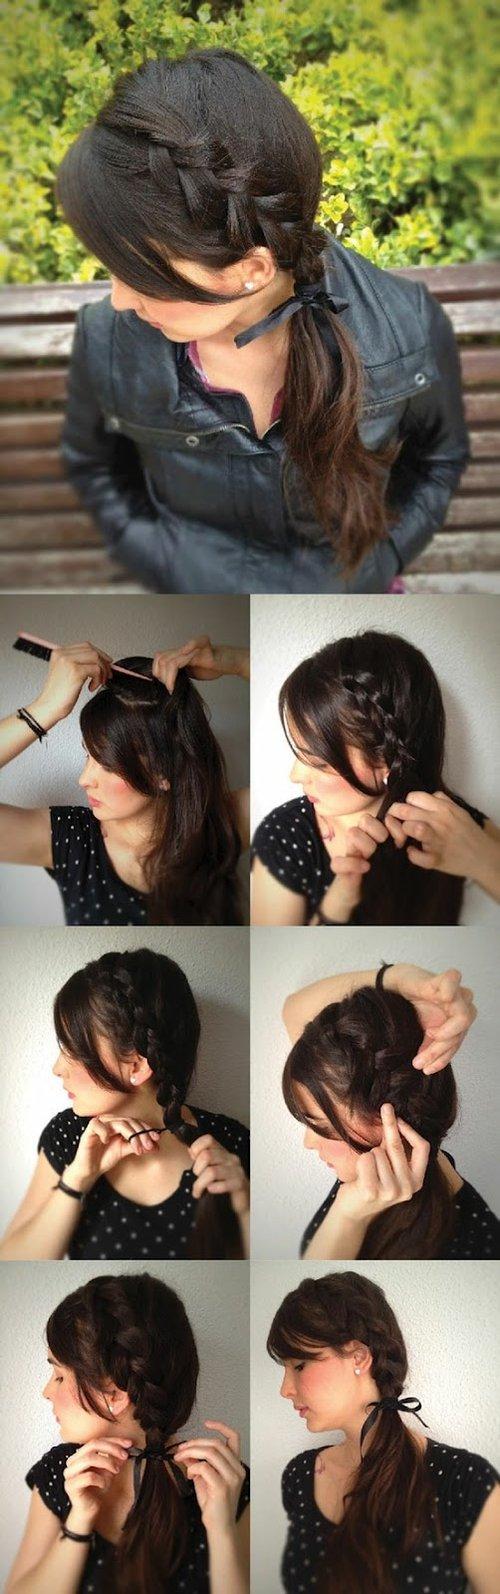 Vlasy styly-DIY-do-it-yourself-jak-na-vlasy-návody-14_large